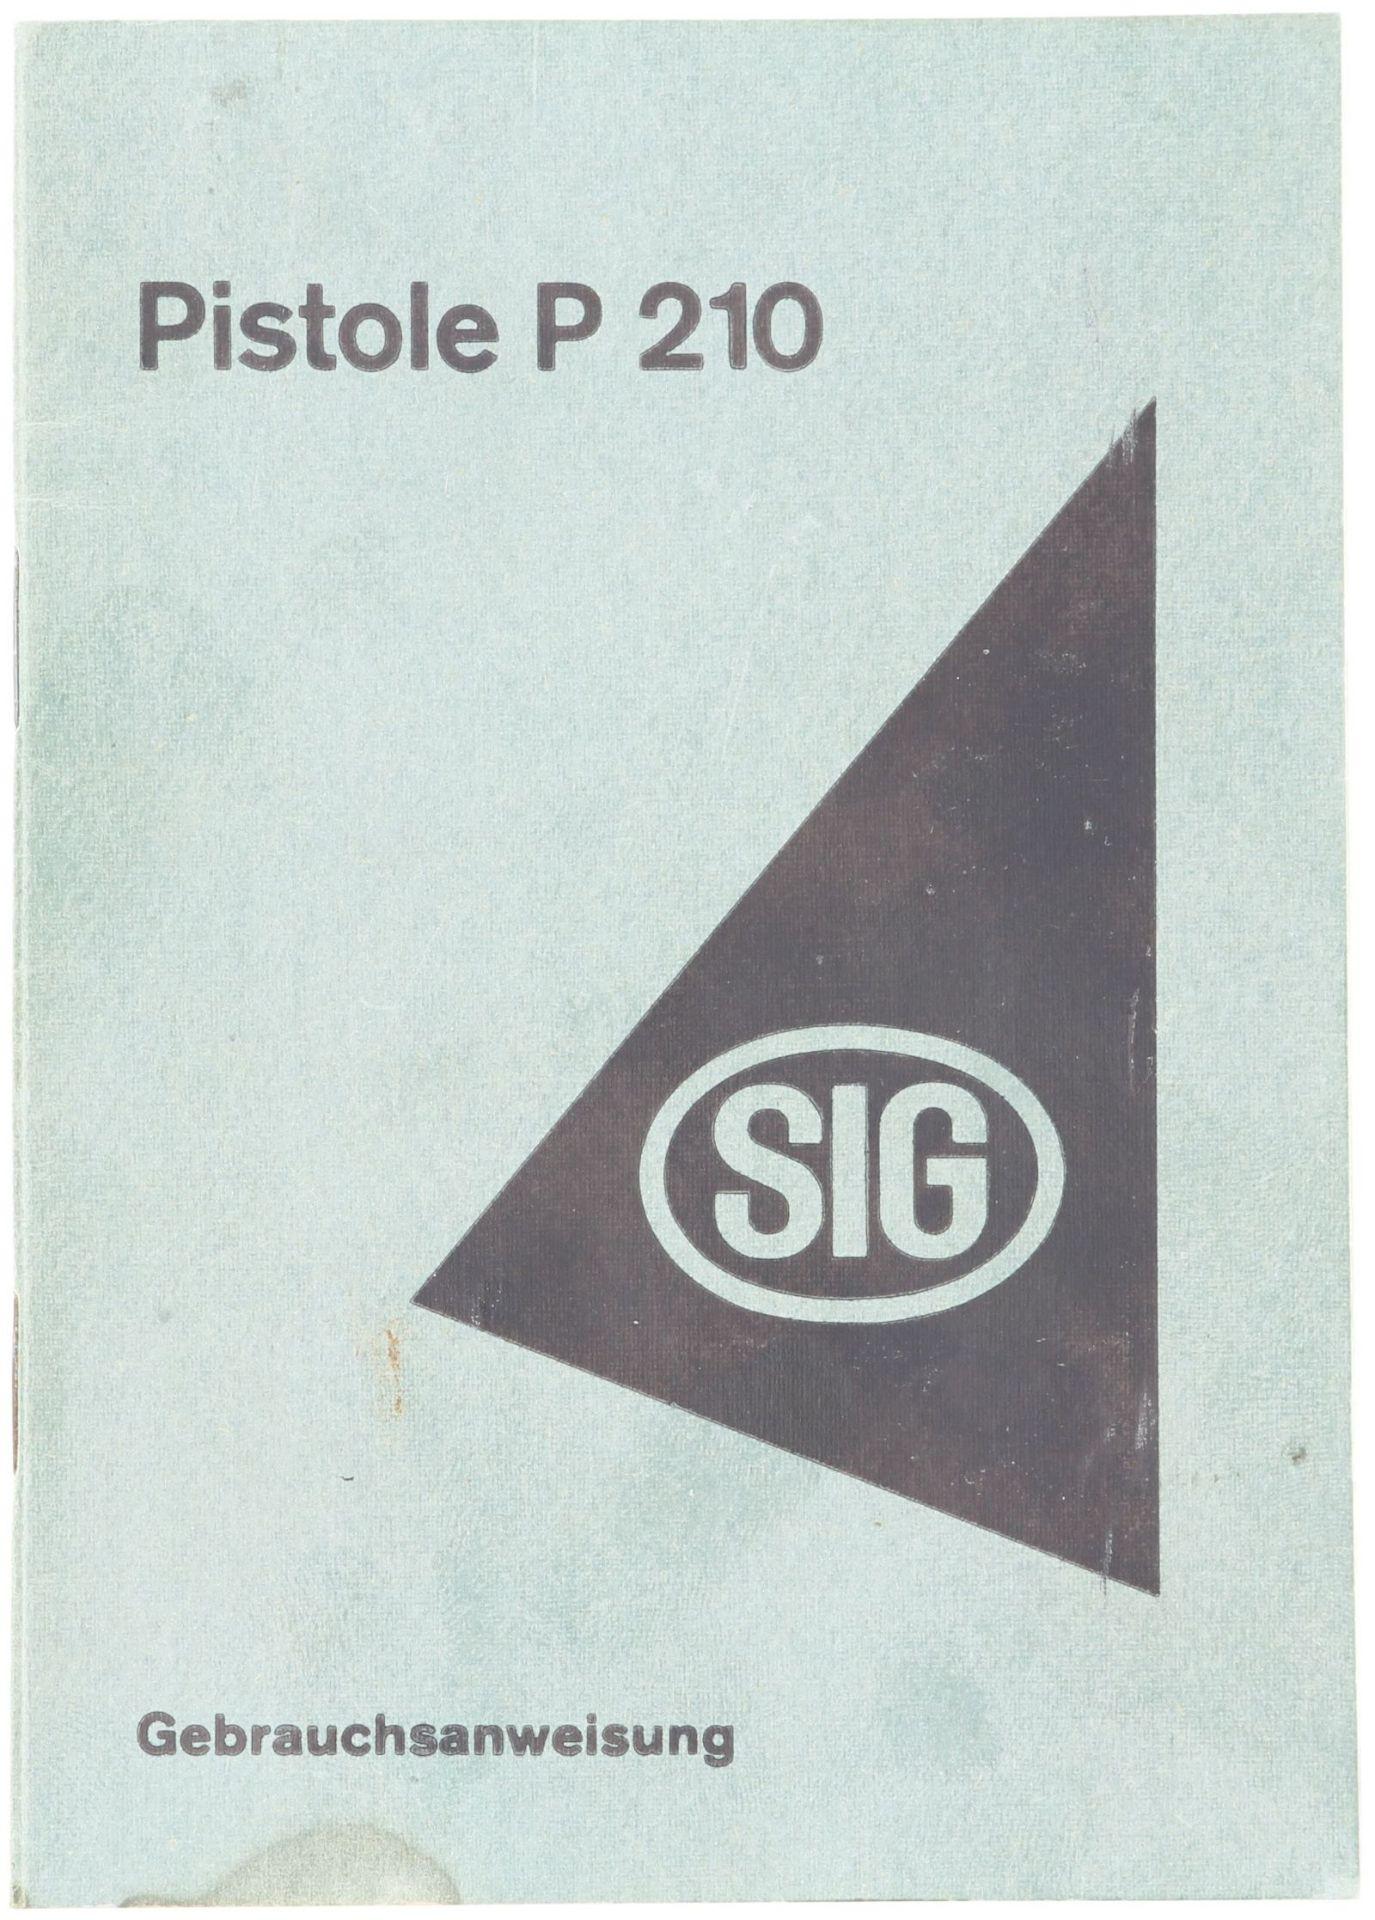 Bedienungsanleitung für die SIG P210 1. Auflage 1950 Grün kartonierte Bedienungs- und